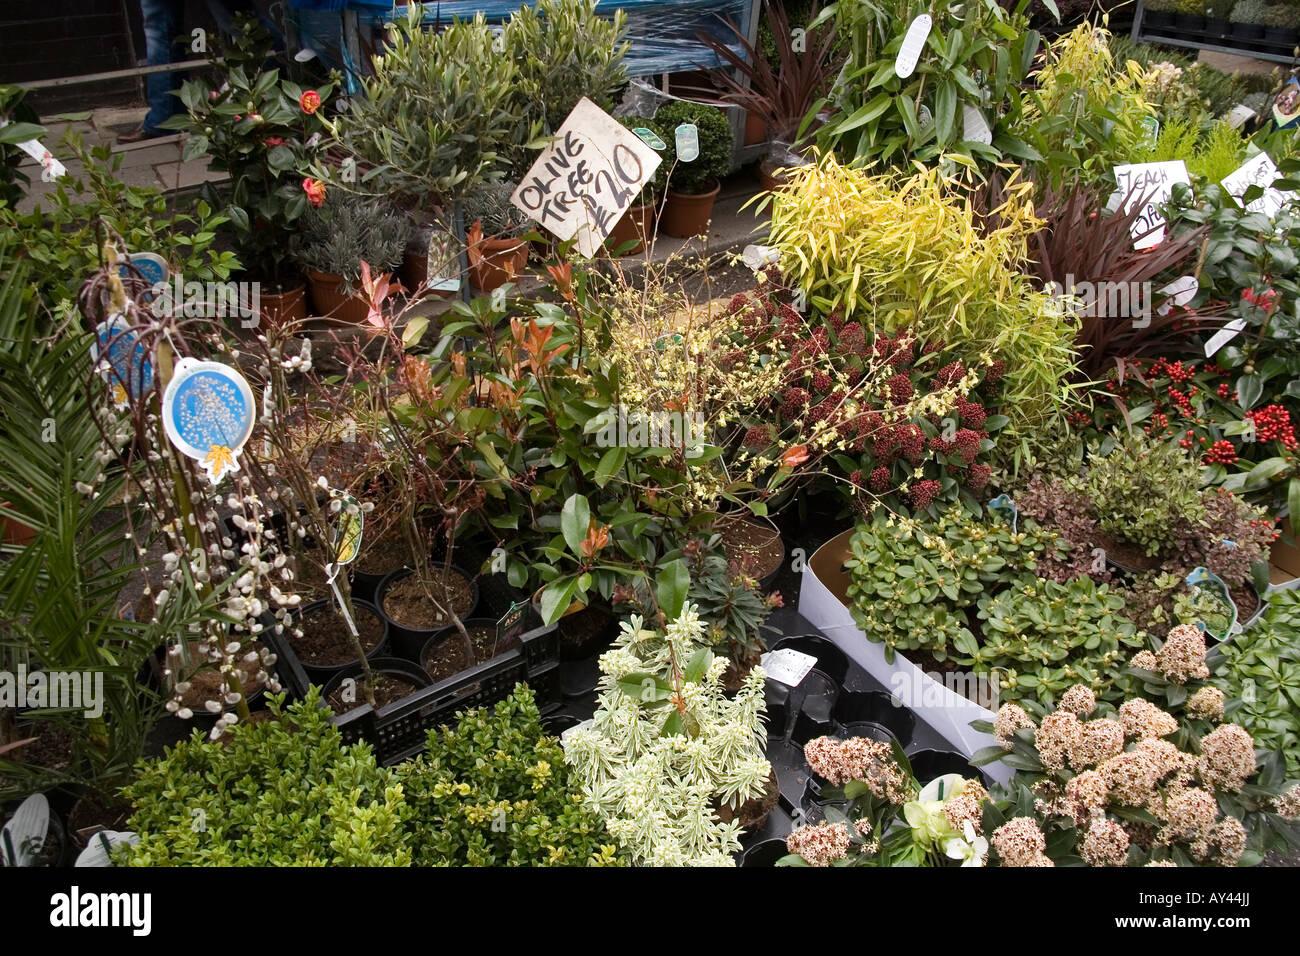 Plantes pour la vente à Columbia Road Flower Market Londres, Angleterre. Photo Stock